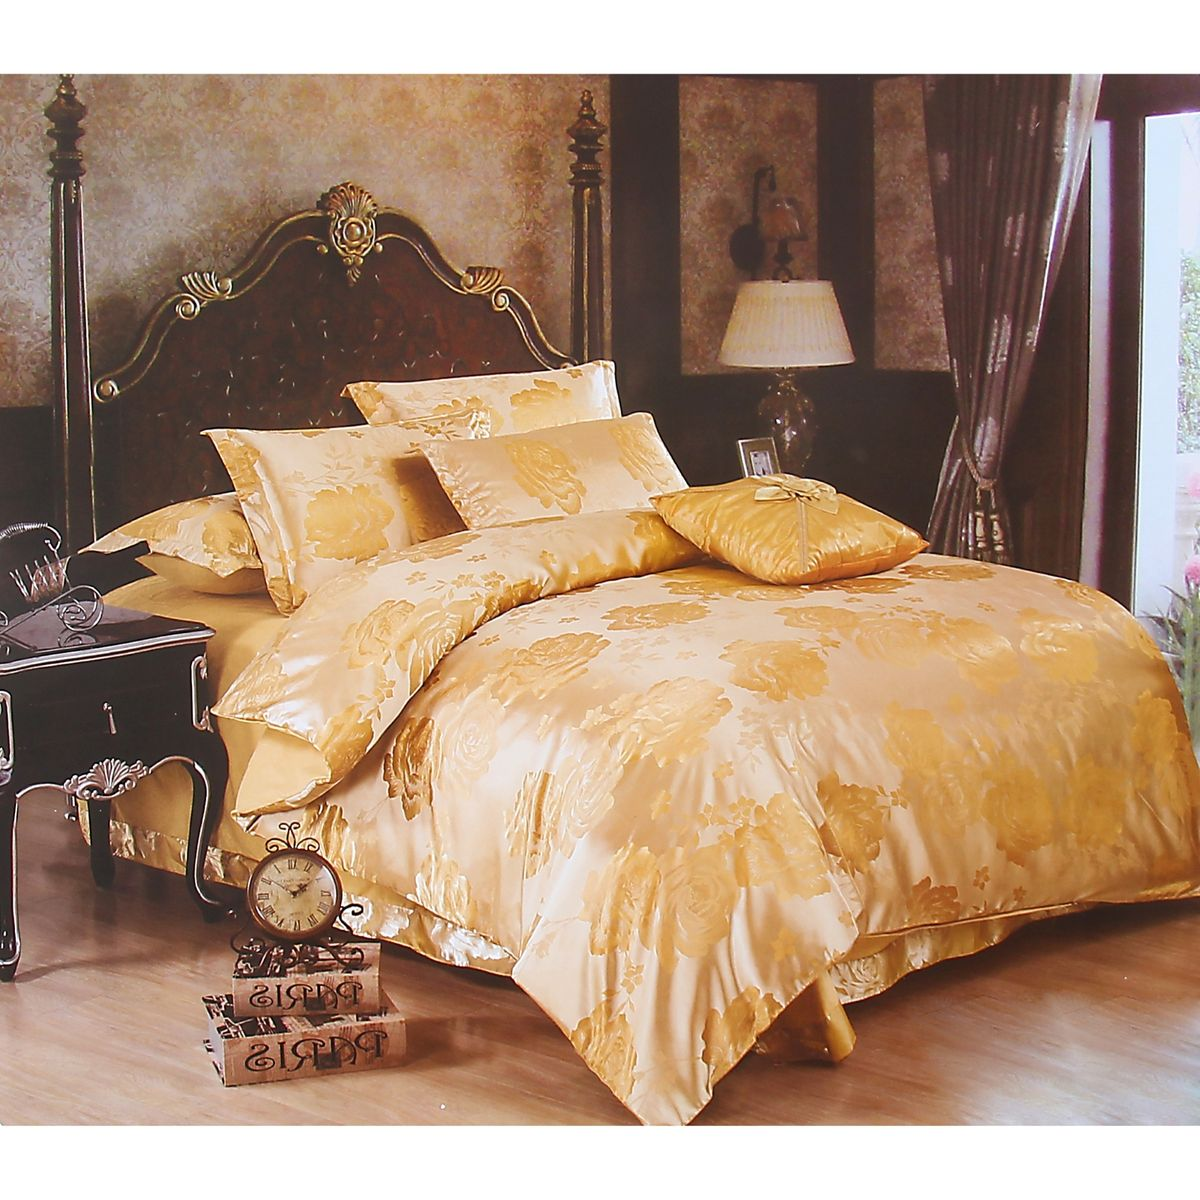 Комплект белья Этель Комильфо, евро, наволочки 50x70, цвет: бежевый, золотистый391602Комплект постельного белья Этель Комильфо состоит из пододеяльника на молнии, простыни и двух наволочек. Удивительной красоты вышивка, нанесенная на белье, сочетает в себе нежность и теплоту.Постельное белье Этель Комильфо создано для романтичных натур, которые любят изысканный дизайн. Белье изготовлено из 100% хлопка и тканного жаккарда отвечающего всем необходимым нормативным стандартам.Жаккард - это ткань фактурного плетения, в которой нити очень плотно переплетены и образуют узорчатый рельеф. Это очень практичный материал, неприхотливый в уходе, более долговечный, по сравнению с другими тканями, полученными одним из простых способов плетения.Приобретая комплект постельного белья Этель Комильфо, вы можете быть уверенны в том, что покупка доставит вам ивашим близким удовольствие и подарит максимальный комфорт.